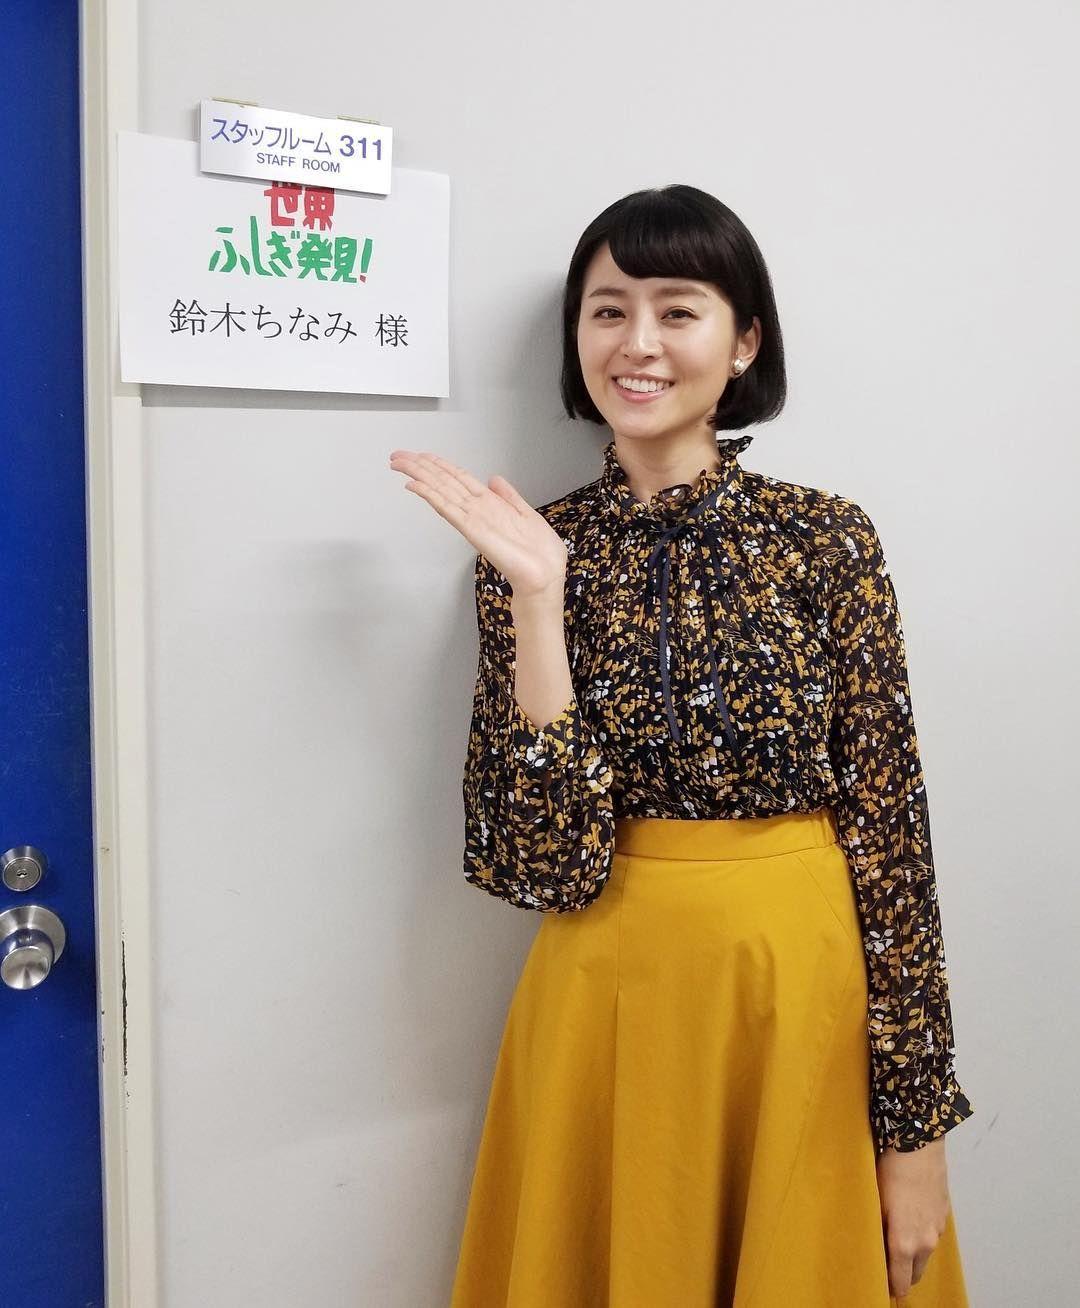 鈴木 ちなみ instagram 鈴木ちなみ - Wikipedia